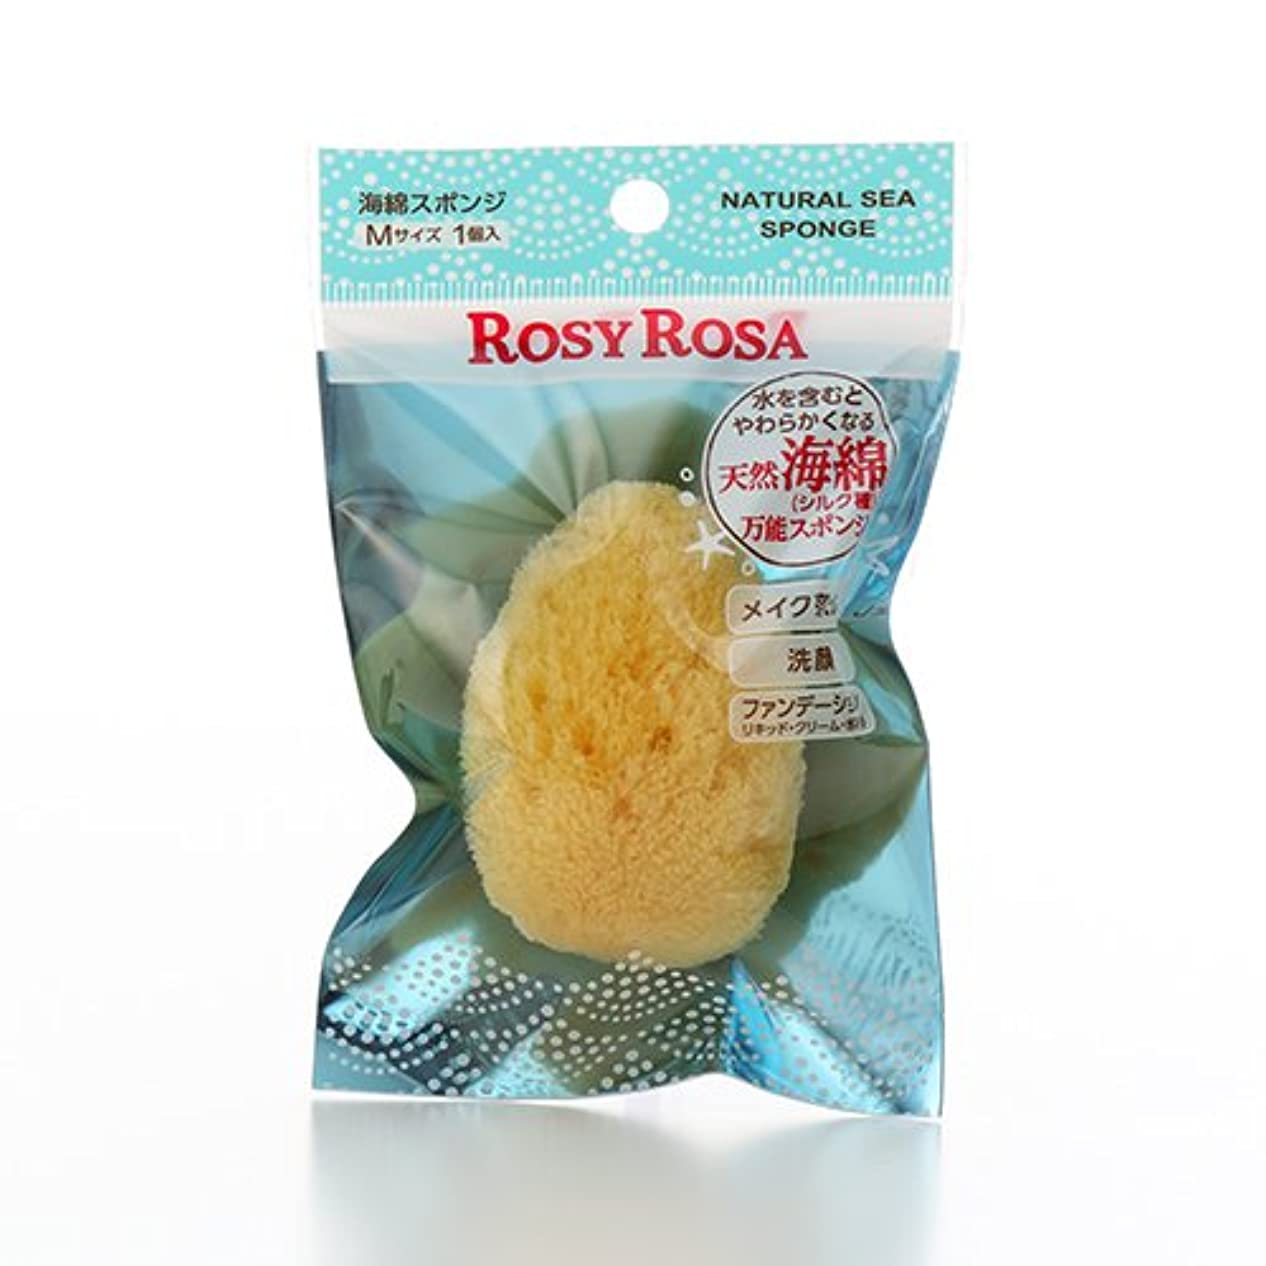 ホイストペナルティショップロージーローザ 天然海綿スポンジ Mサイズ 1個入 【水を含むとやわらかくなる天然海綿(シルク種) メイク落とし、洗顔、ファンデーションに】